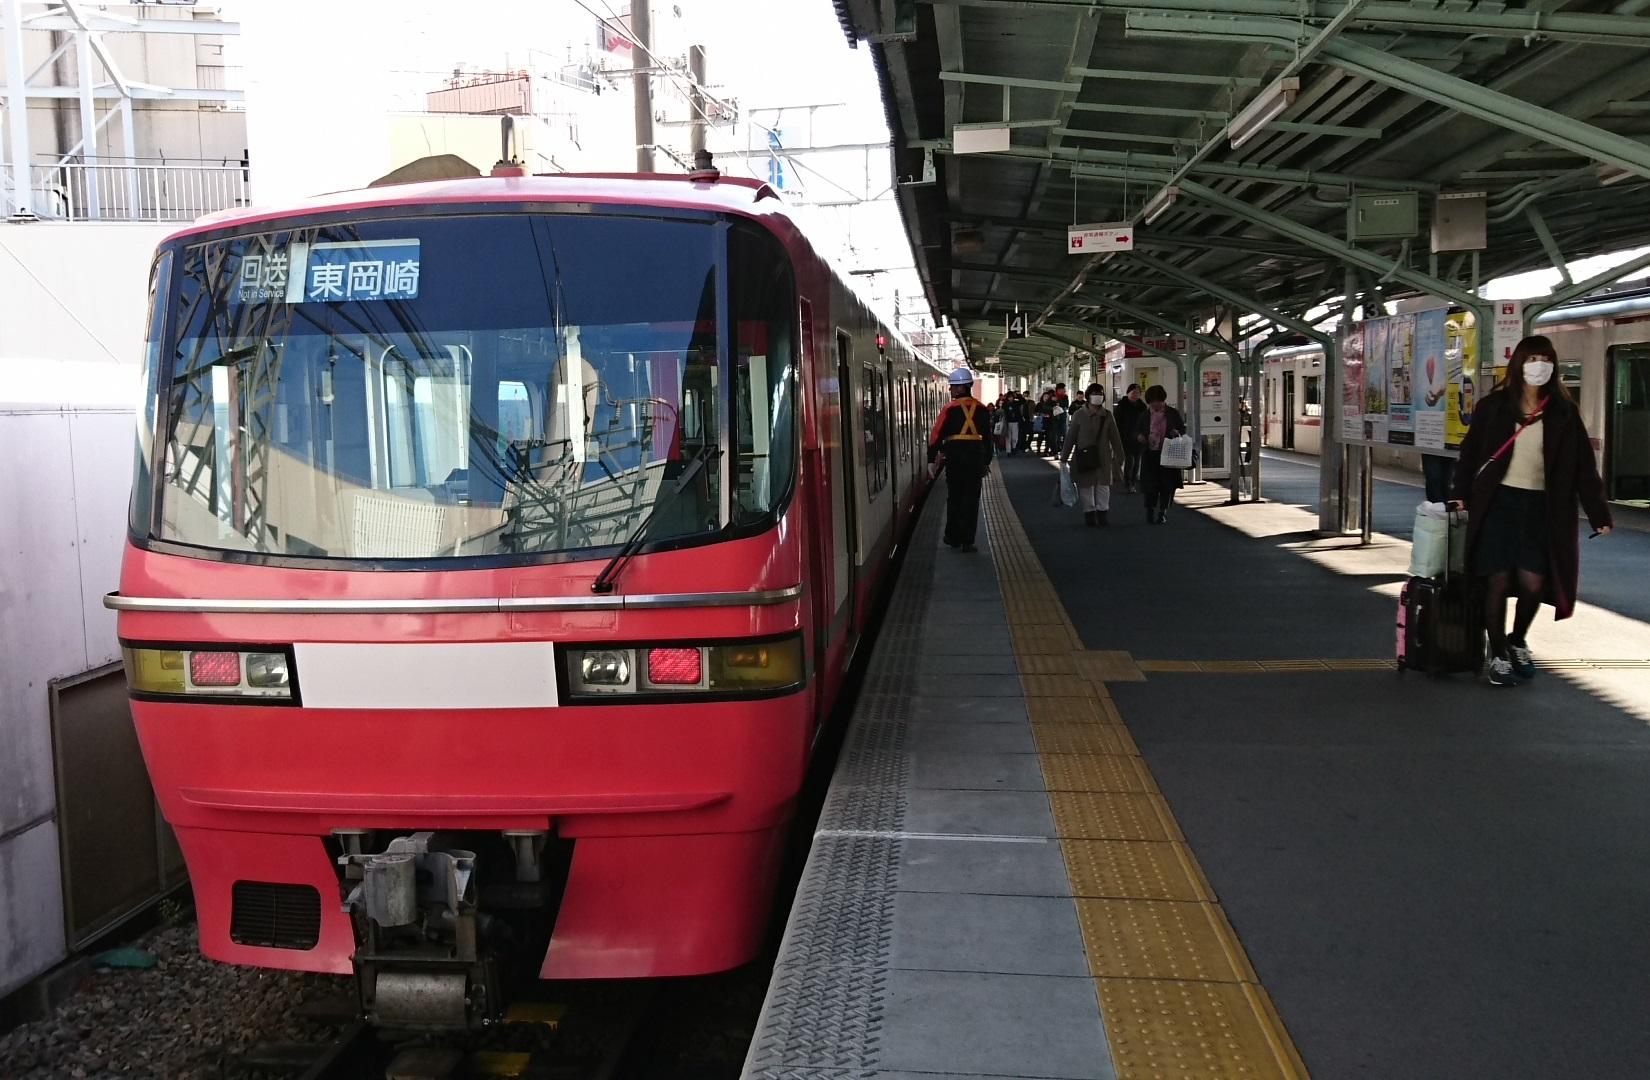 2017.1.3 岐阜まで (38) 岐阜 - 岐阜いき特急 1650-1080